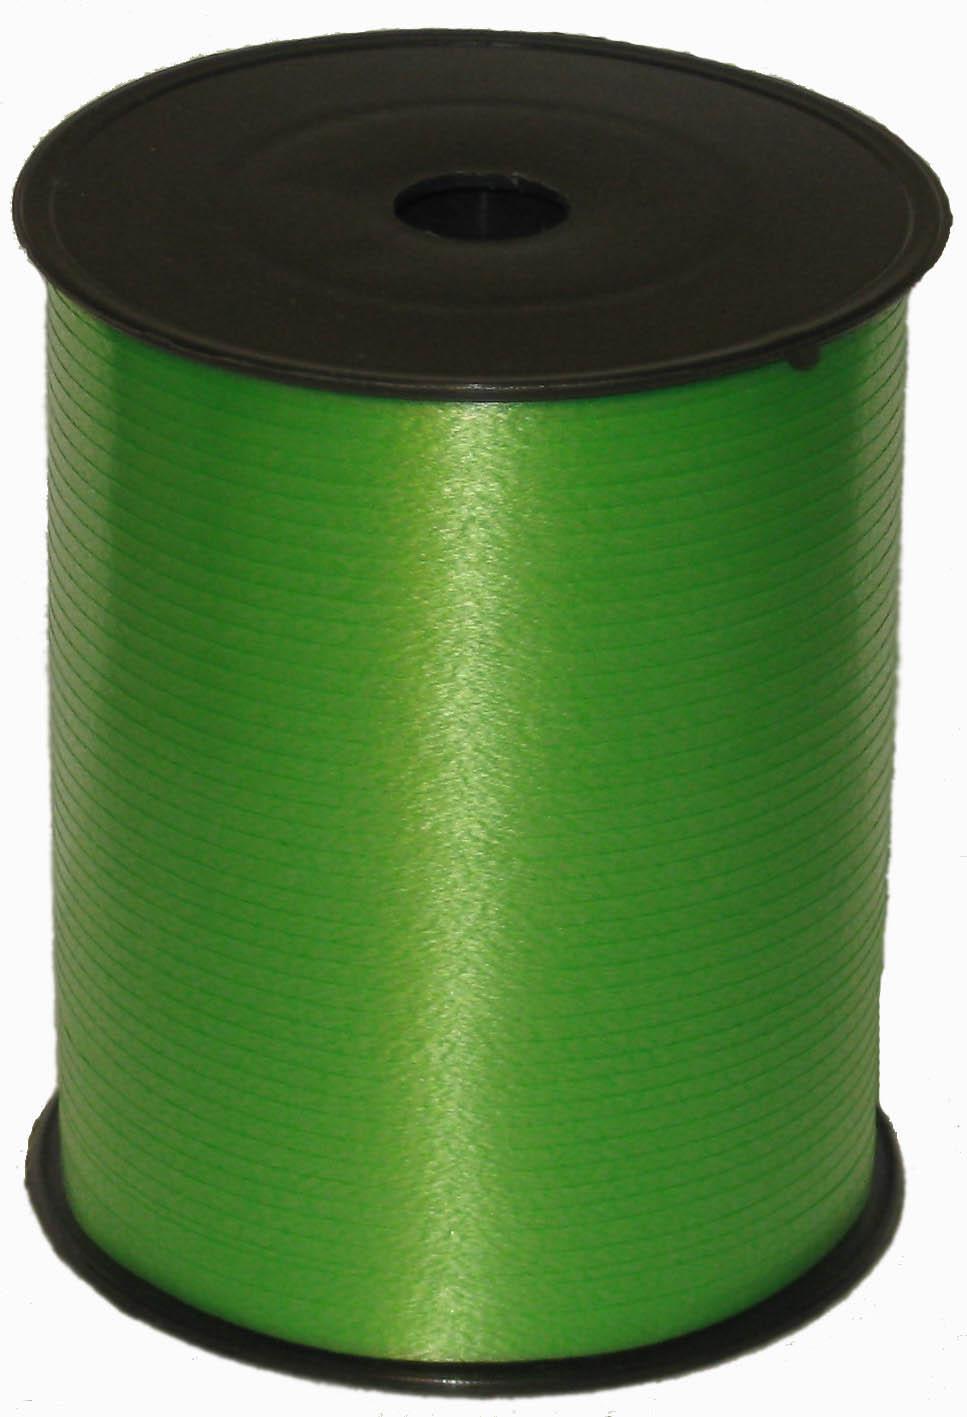 Лента цвет Зеленый, бобина 0,5 см / 500 м, Россия